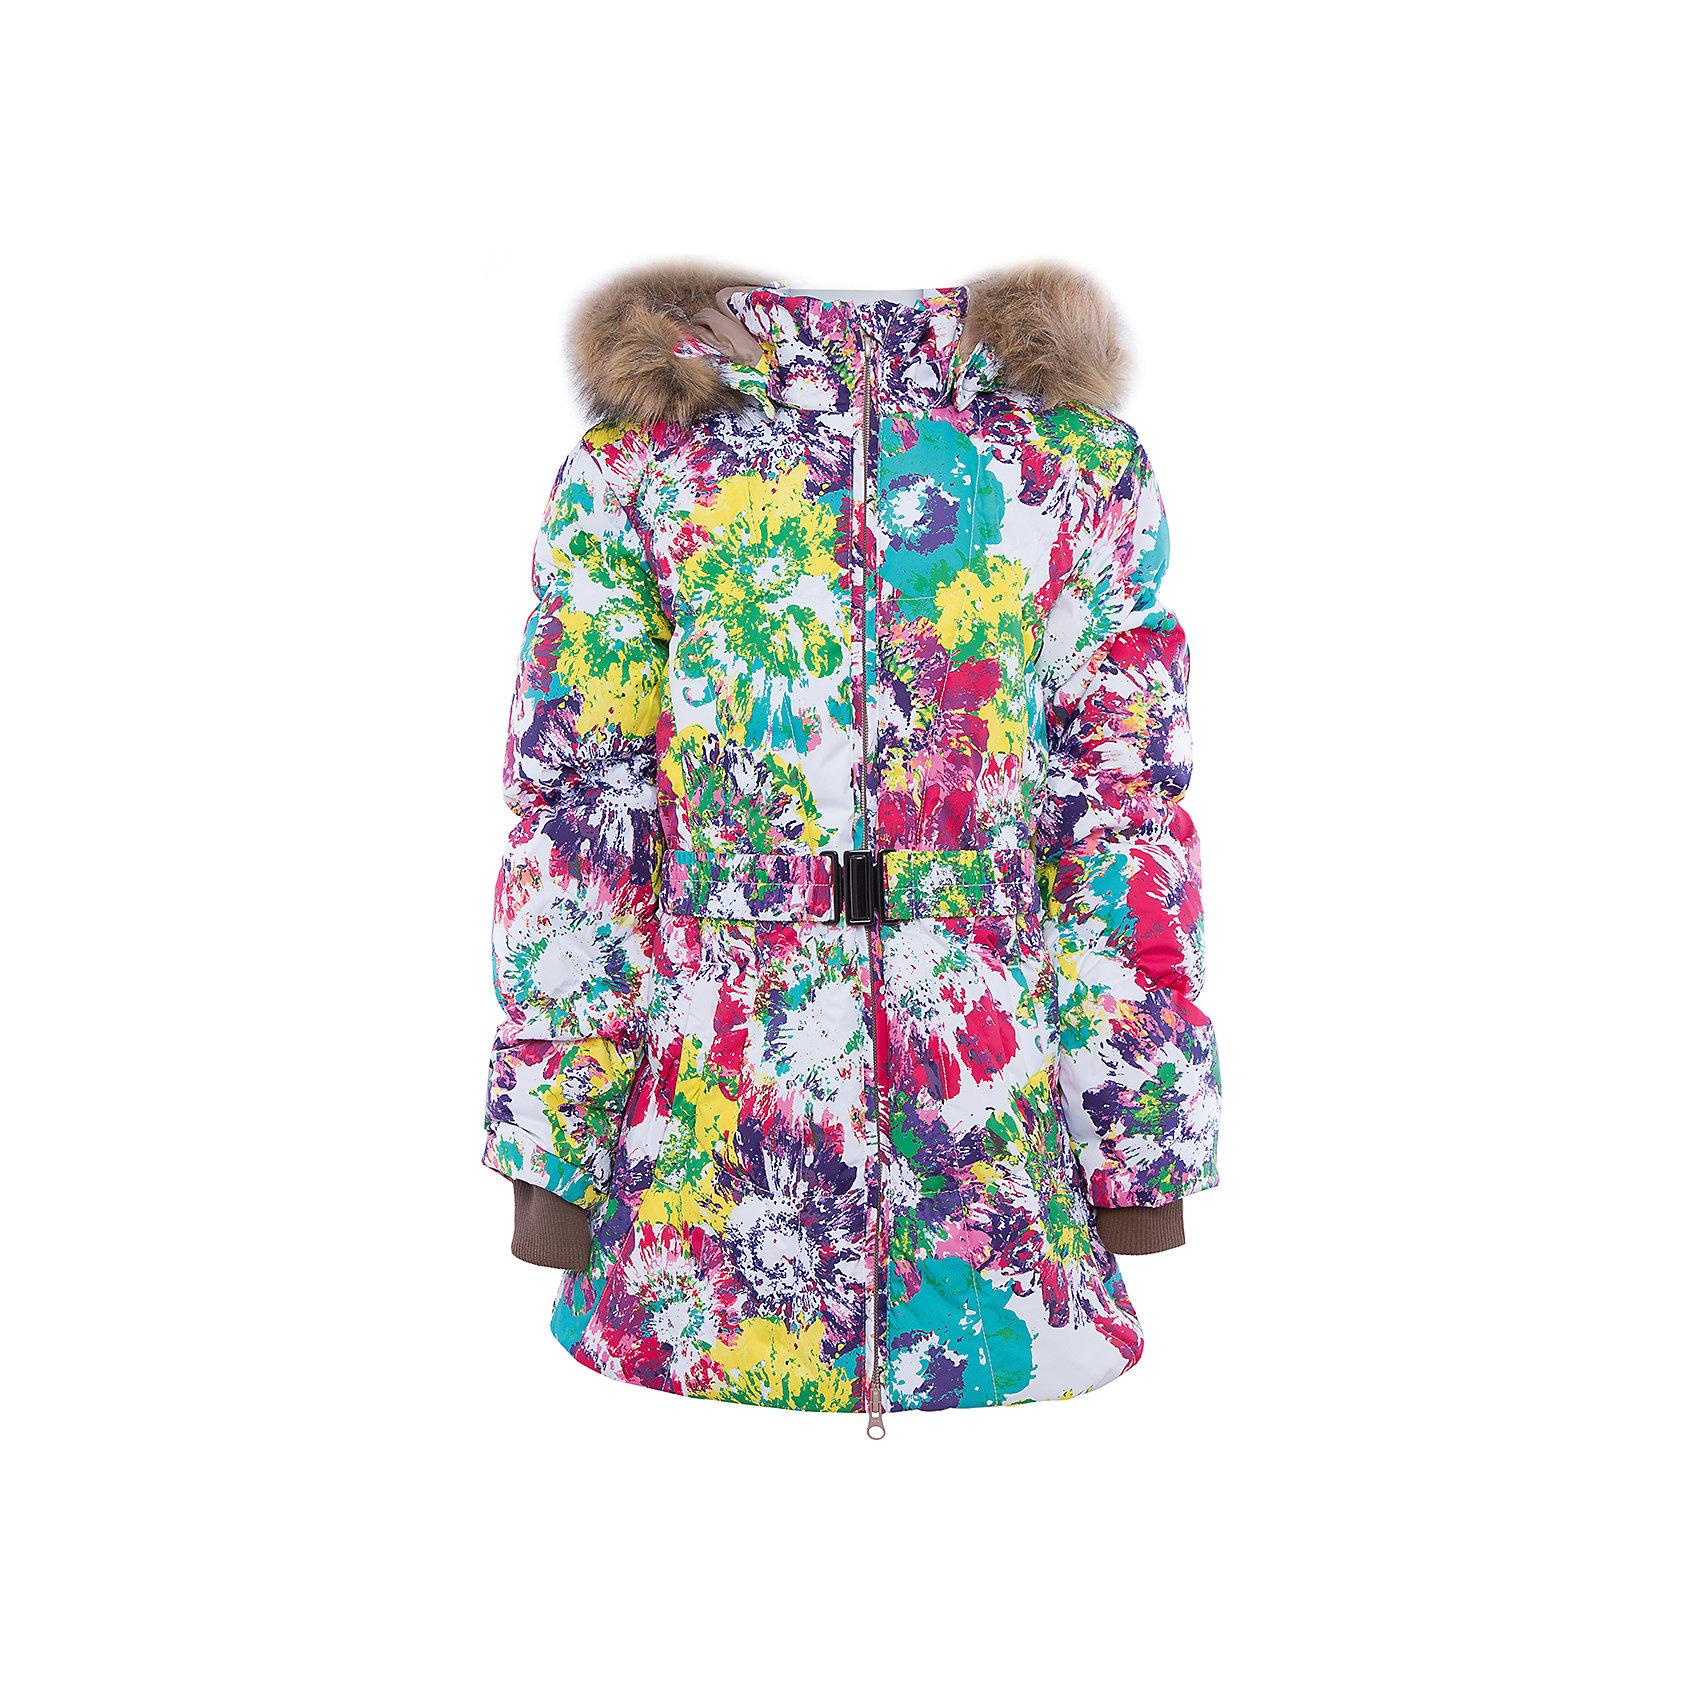 Куртка   для девочки HuppaСтильная и необычная куртка LESLIE1 Huppa(Хуппа).<br><br>Утеплитель: 50% пух, 50% перо<br><br>Температурный режим: до -30 градусов. Степень утепления – высокая. <br><br>* Температурный режим указан приблизительно — необходимо, прежде всего, ориентироваться на ощущения ребенка. Температурный режим работает в случае соблюдения правила многослойности – использования флисовой поддевы и термобелья.<br><br>Согреет ребенка в холод, а приятный дизайн всегда будет радовать!<br><br>Особенности:<br>-специальная мембрана, выводящая лишнюю влагу, не позволит ветру и воде проникнуть внутрь куртки<br>-большой и удобный капюшон <br>-высококачественный гусиный пух<br>-светоотражающие элементы<br>-яркая расцветка<br>-капюшон с отстегивающимся мехом<br><br>Дополнительная информация:<br>Материал: 100% полиэстер<br>Подкладка: тафта - 100% полиэстер<br><br>Куртку LESLIE1 Huppa(Хуппа) вы можете приобрести в нашем интернет-магазине.<br><br>Ширина мм: 356<br>Глубина мм: 10<br>Высота мм: 245<br>Вес г: 519<br>Цвет: белый<br>Возраст от месяцев: 36<br>Возраст до месяцев: 48<br>Пол: Женский<br>Возраст: Детский<br>Размер: 164,158,152,146,140,134,128,122,104,116,110<br>SKU: 4928241